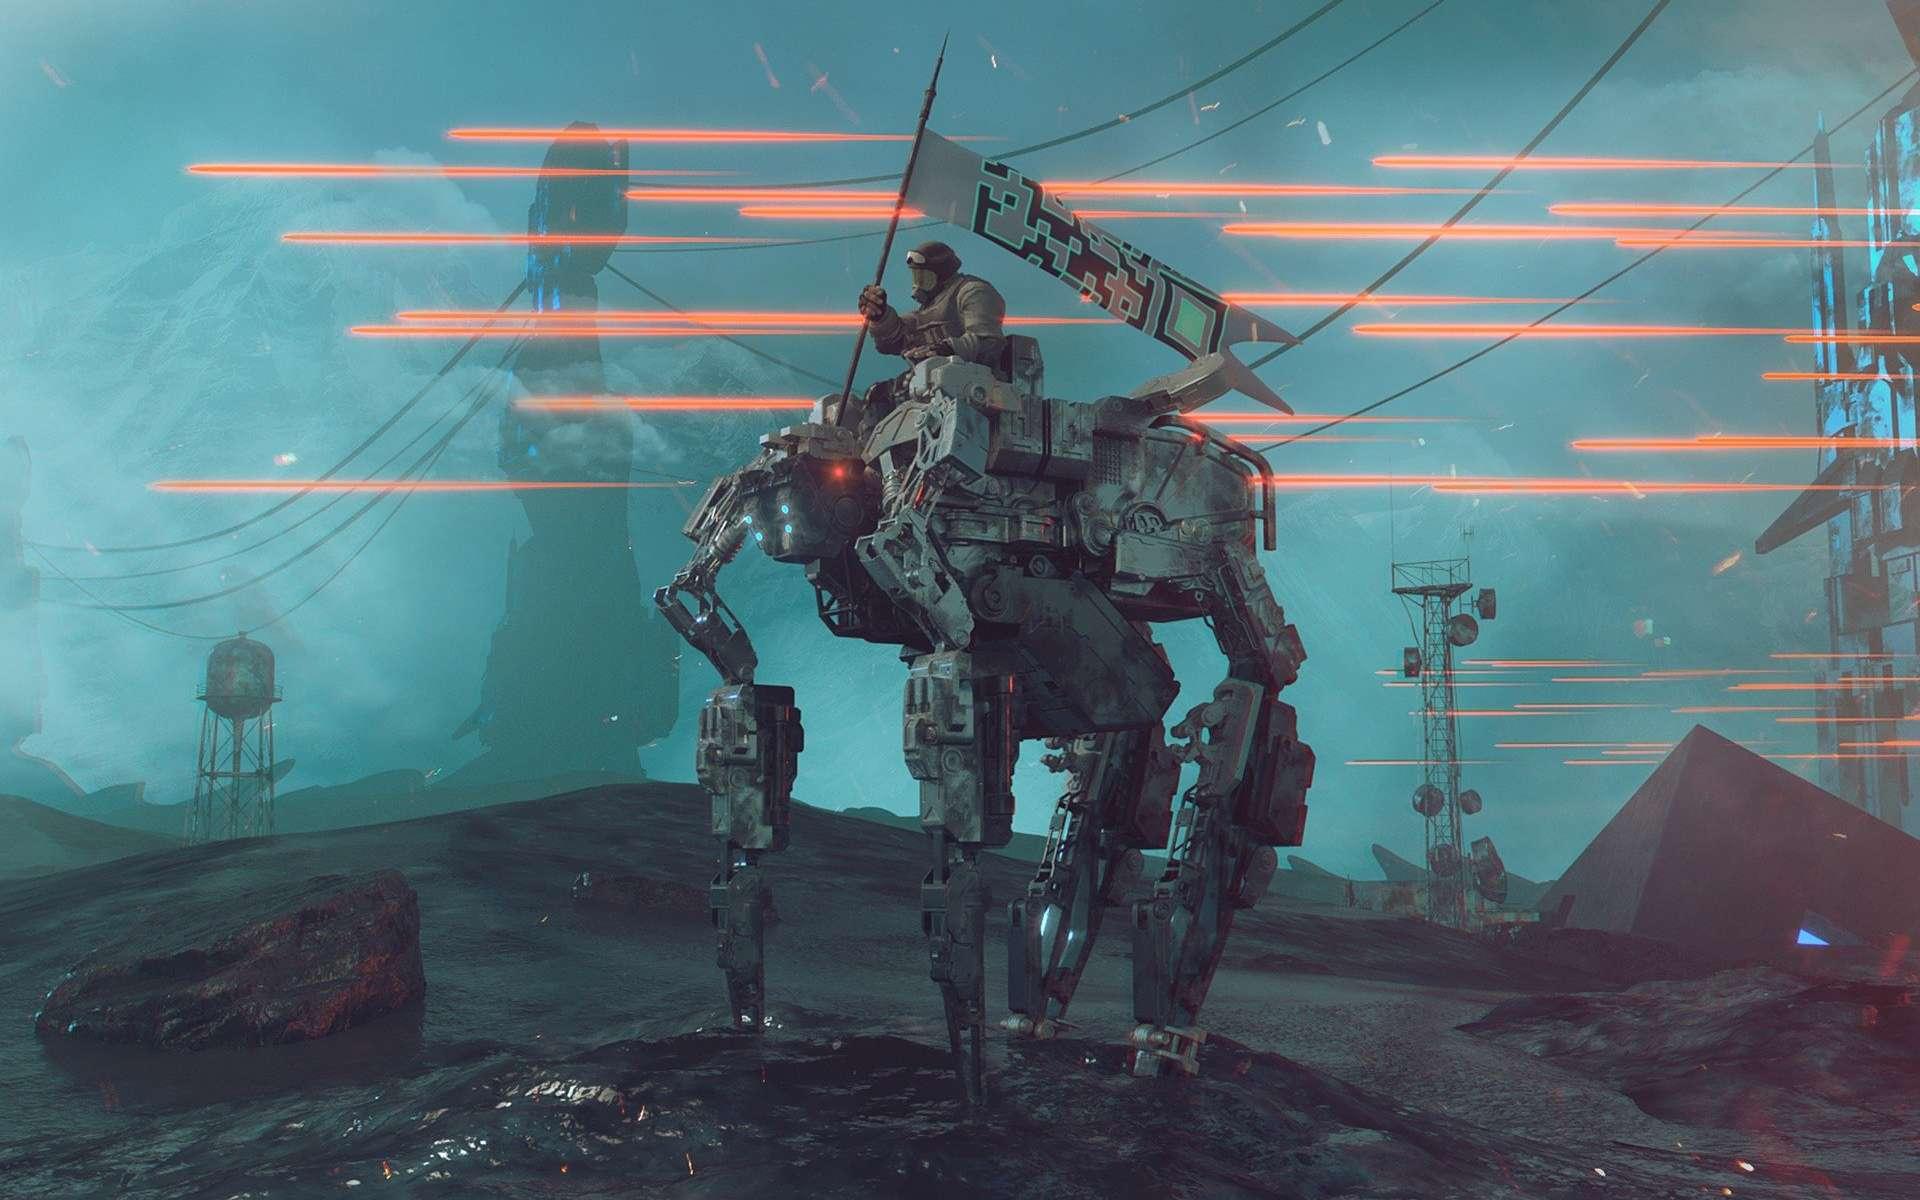 L'armée veut des implants cyborgs chez les soldats d'ici 2050. © Computerizer, Pixabay